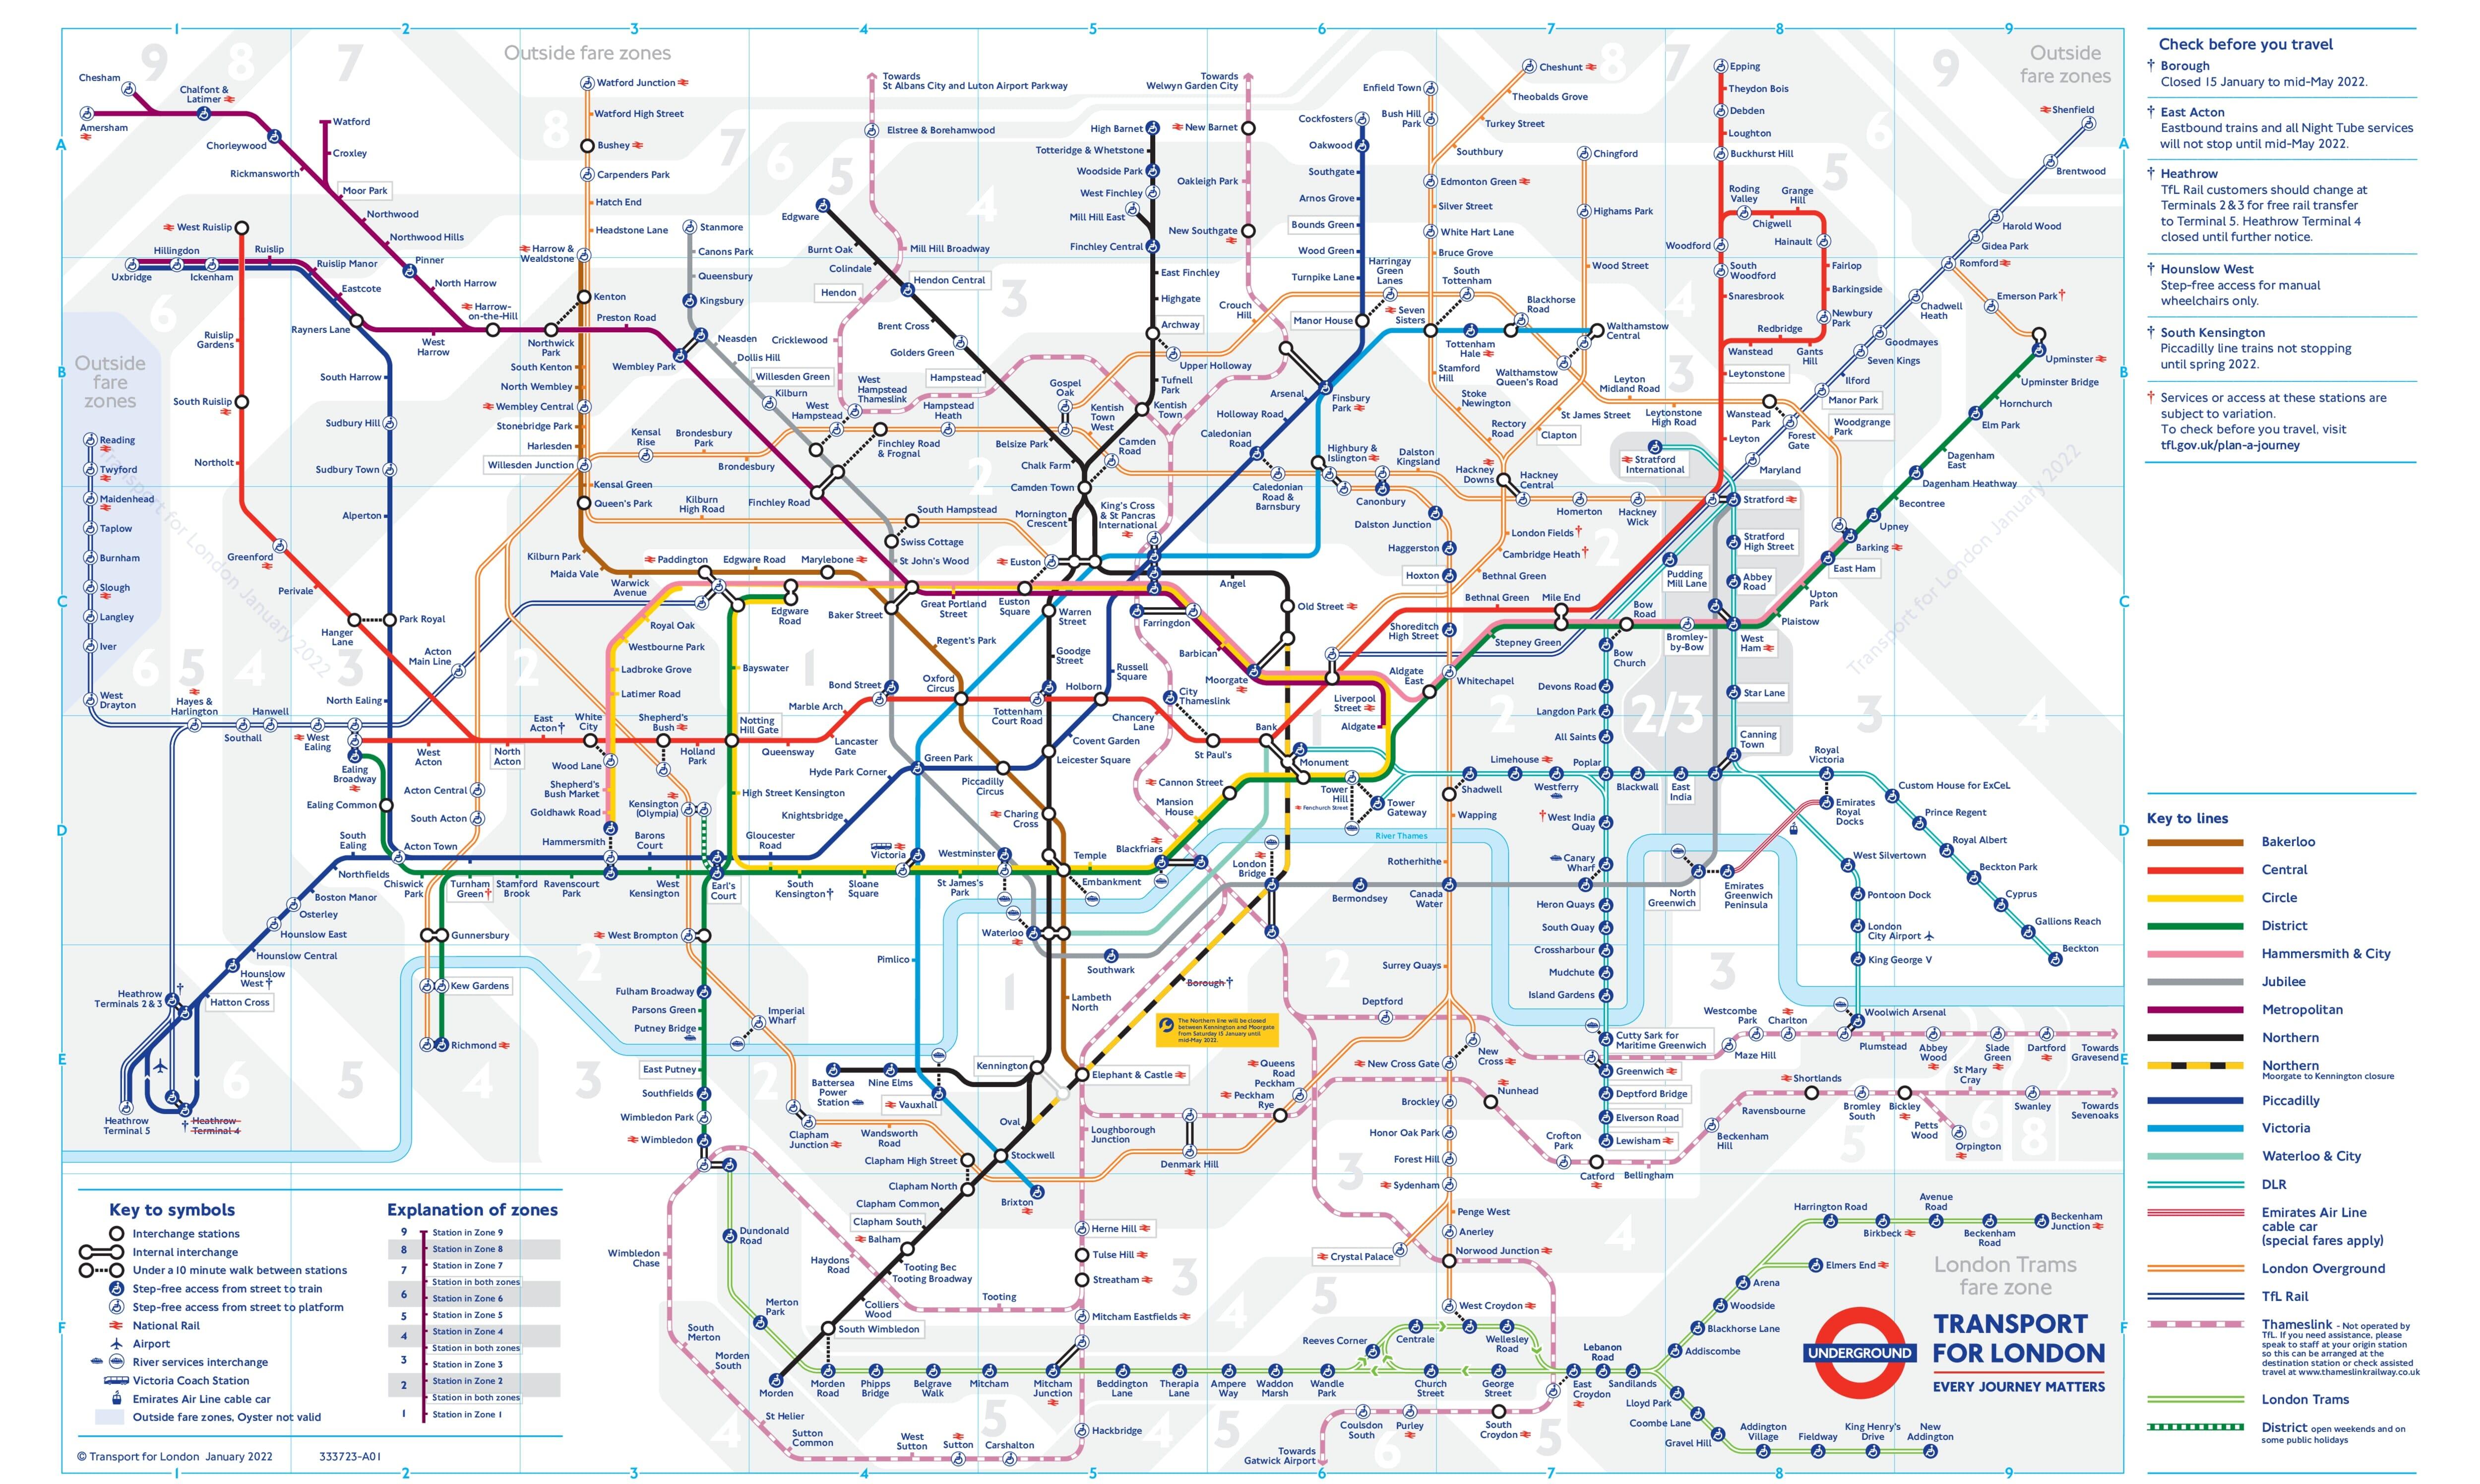 карта метро лондона с зонами